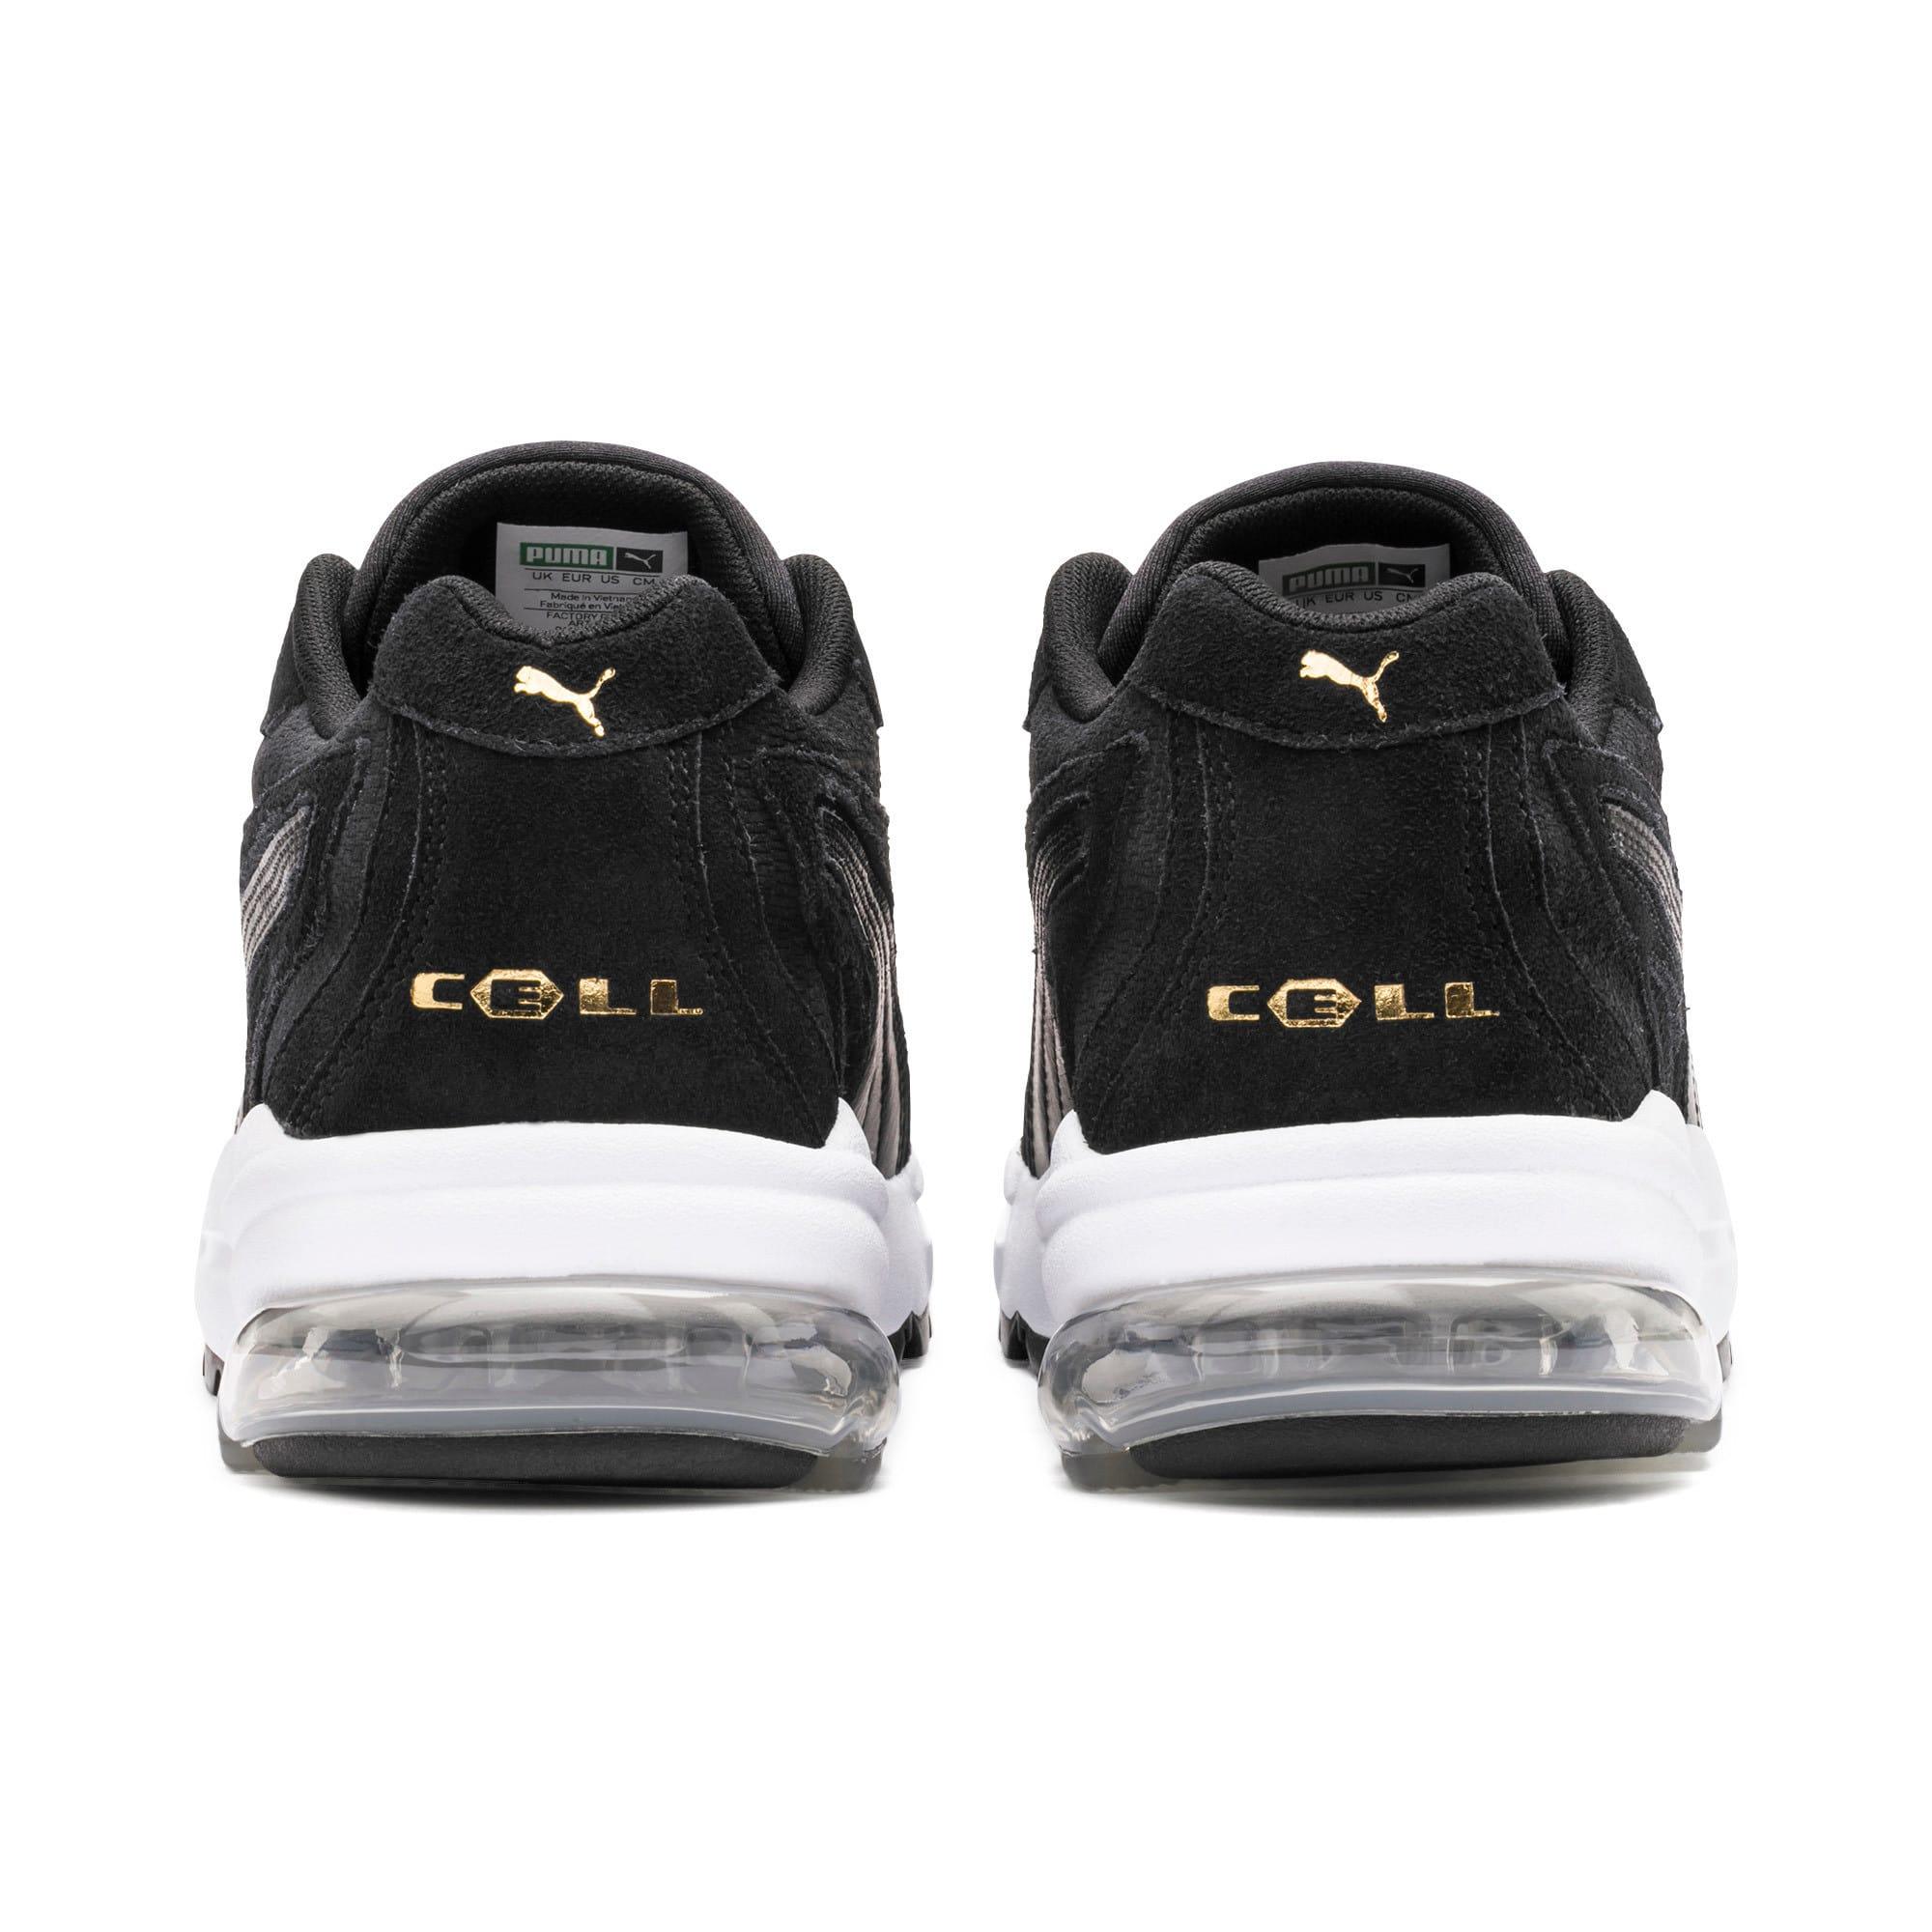 Thumbnail 4 of CELL Stellar Tonal Women's Sneakers, Puma Black-Puma Team Gold, medium